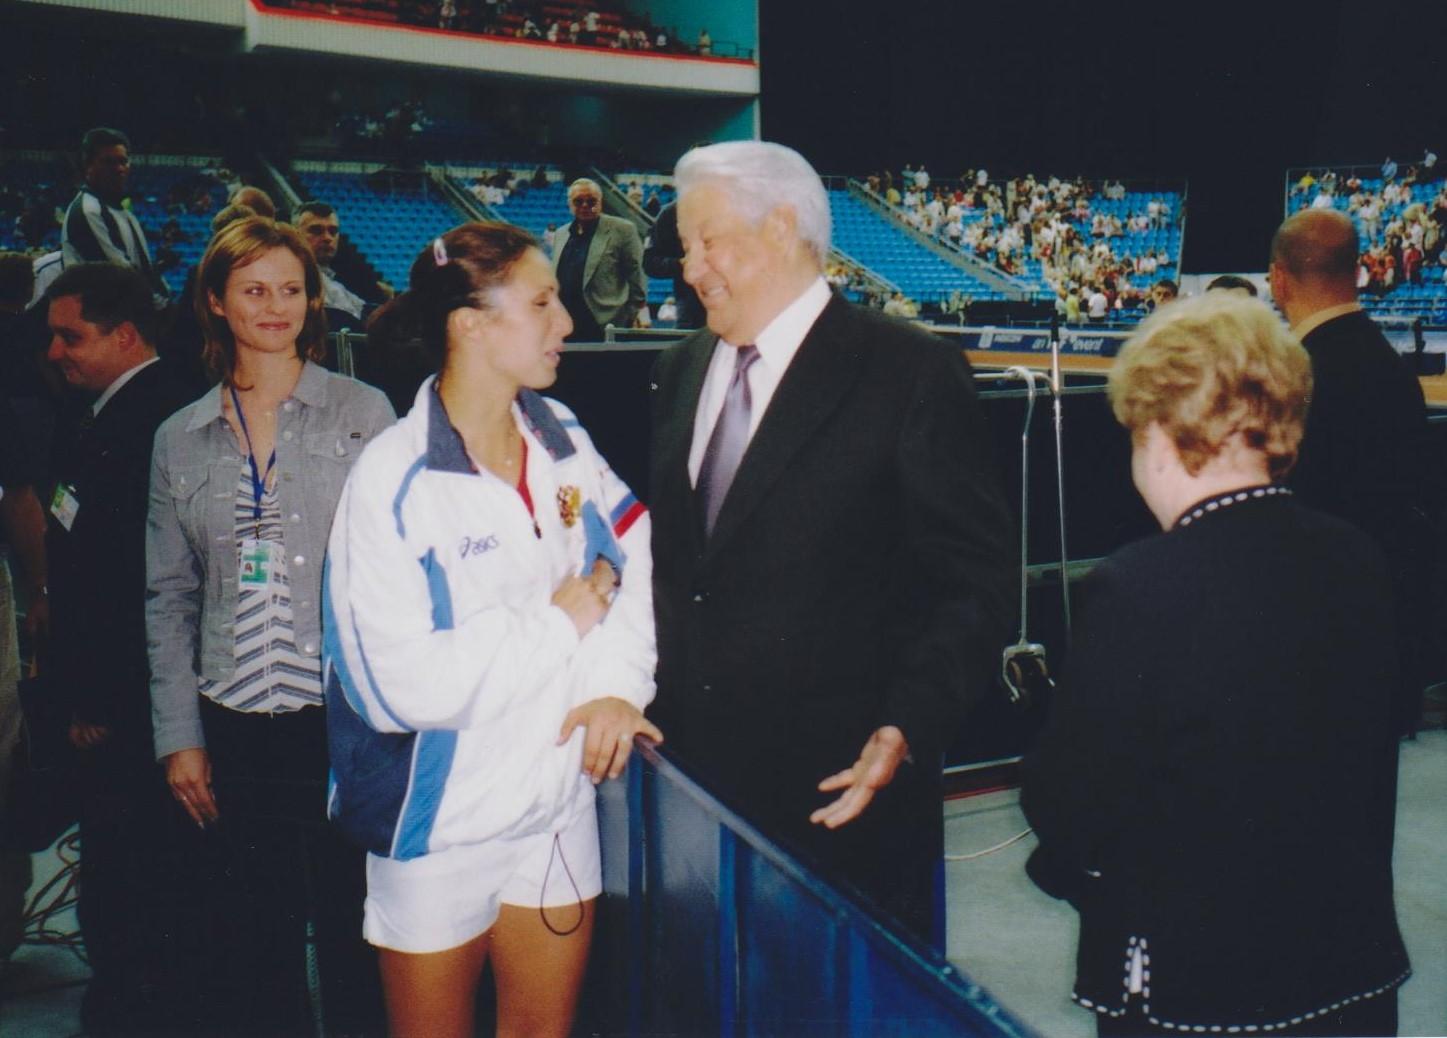 Ельцин Борис Николаевич и Мыскина Анастасия - победительница международного теннисного турнира WTA-Tour Кубок Кремля-2003